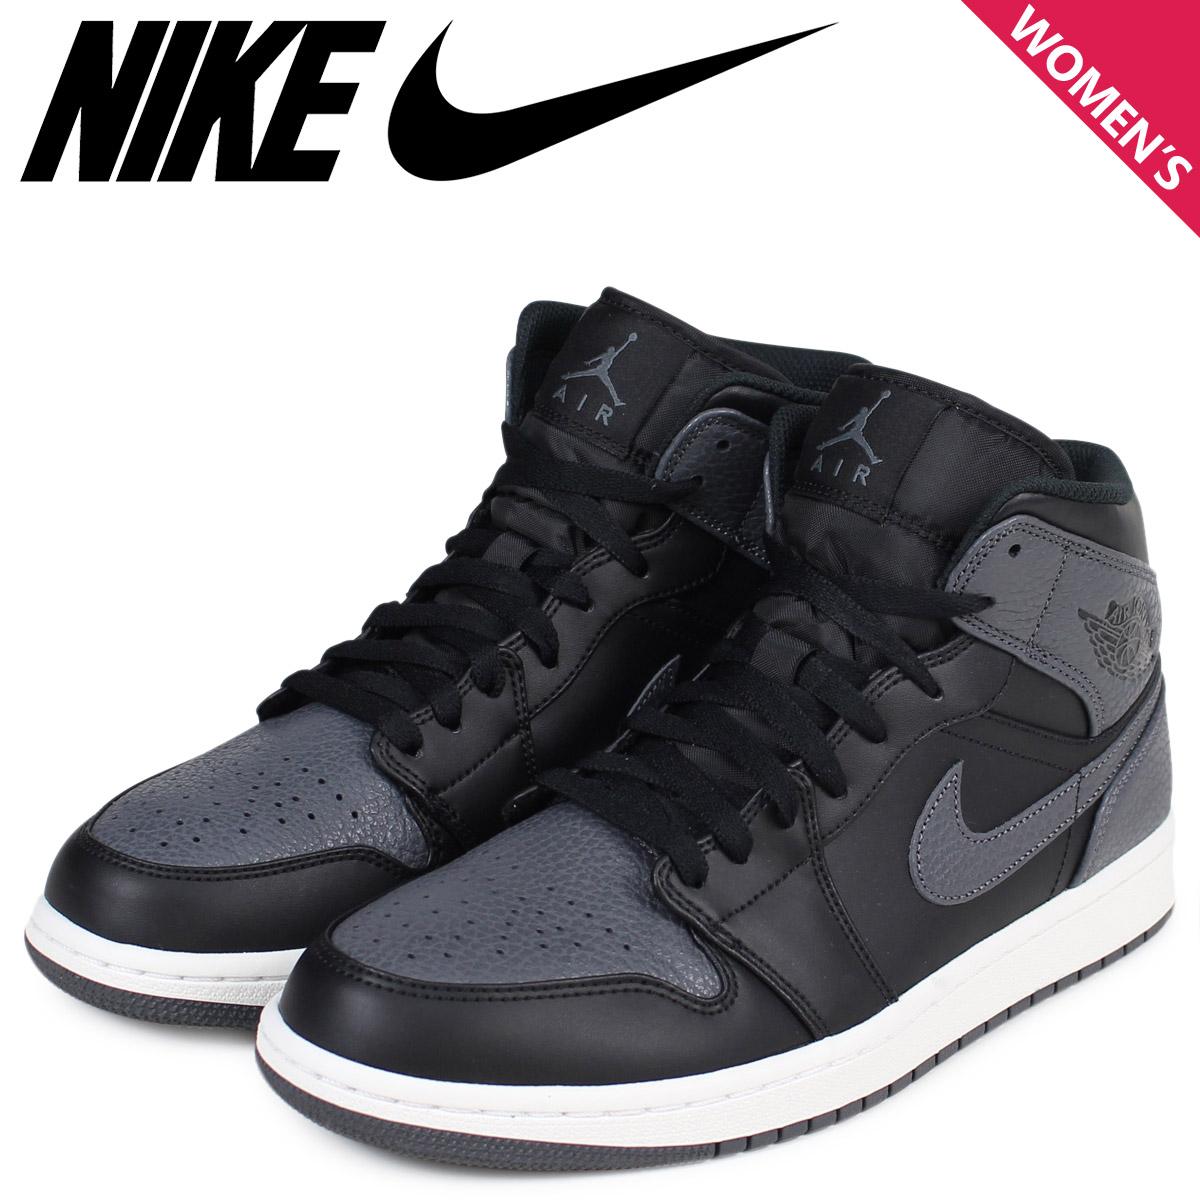 45418cb947cf Sugar Online Shop  NIKE Nike Air Jordan 1 Lady s sneakers AIR JORDAN ...